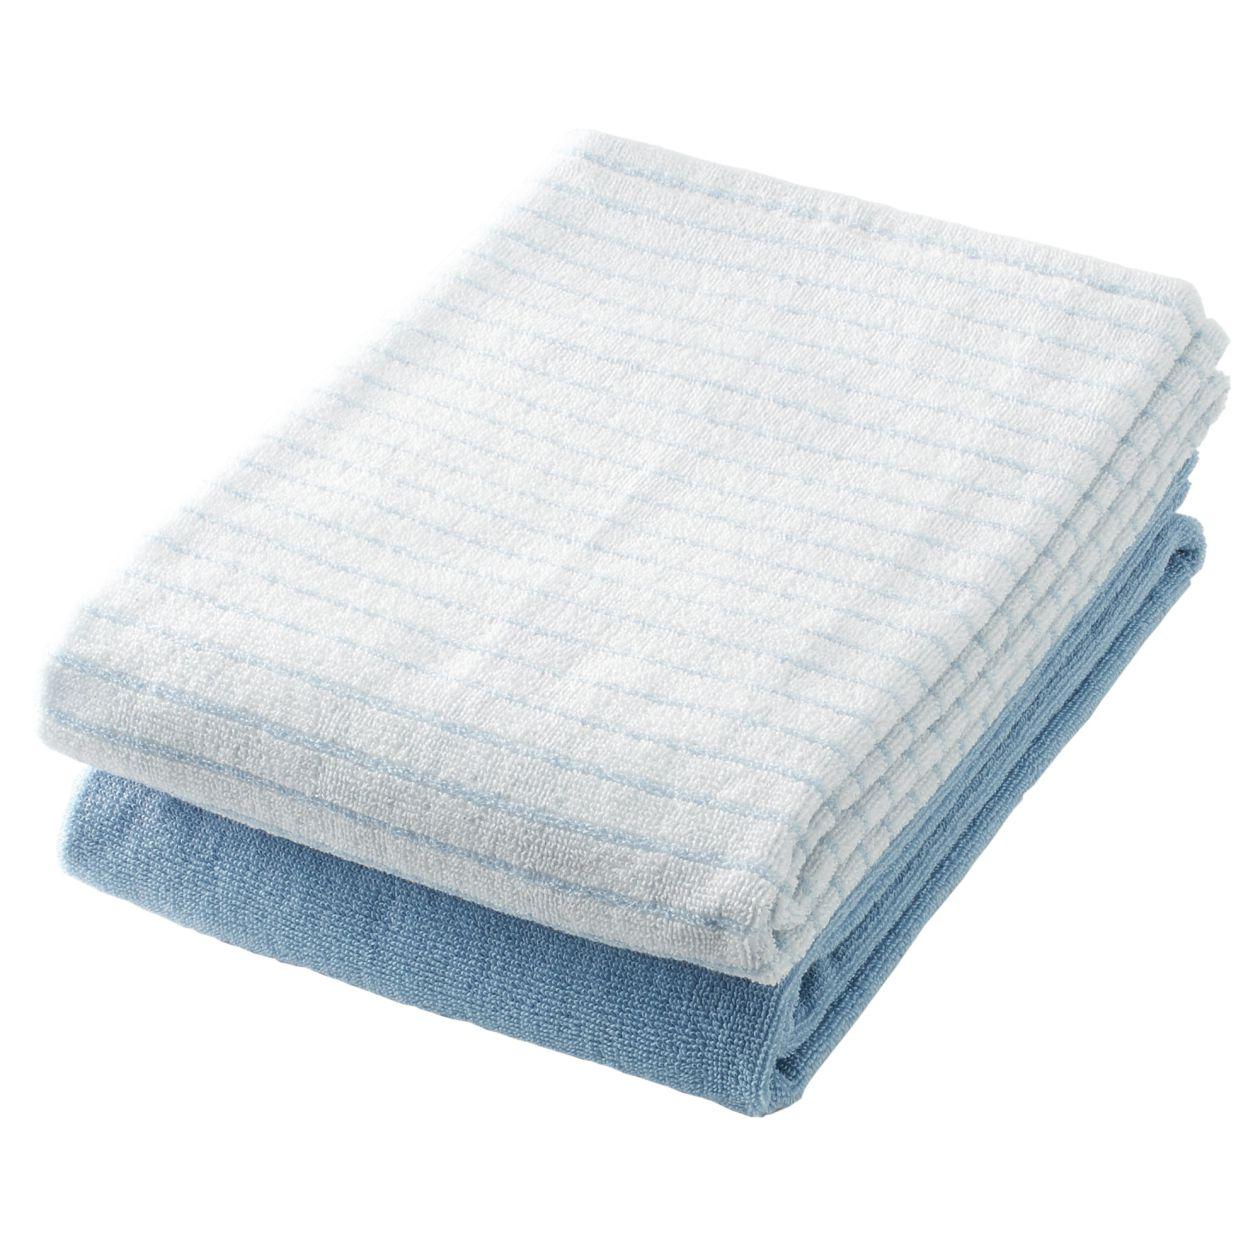 綿ボーダースモールバスタオルセット/杢ブルー 杢ブルー